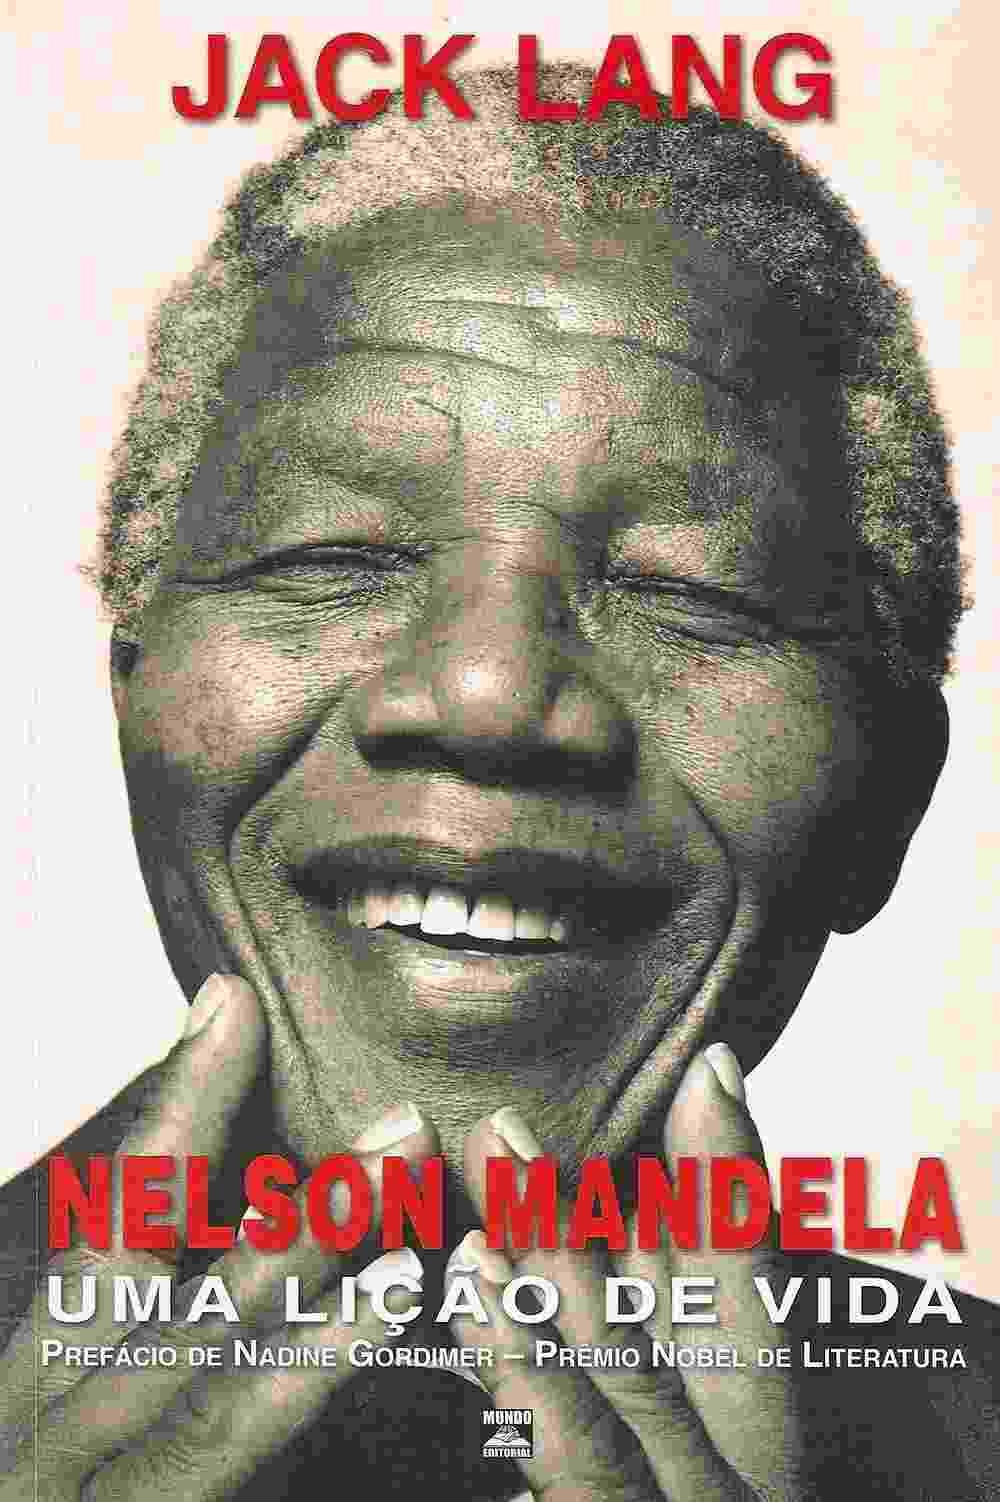 Capa de Mandela - uma Lição de Vida, de Jack Lang (2005) - Reprodução